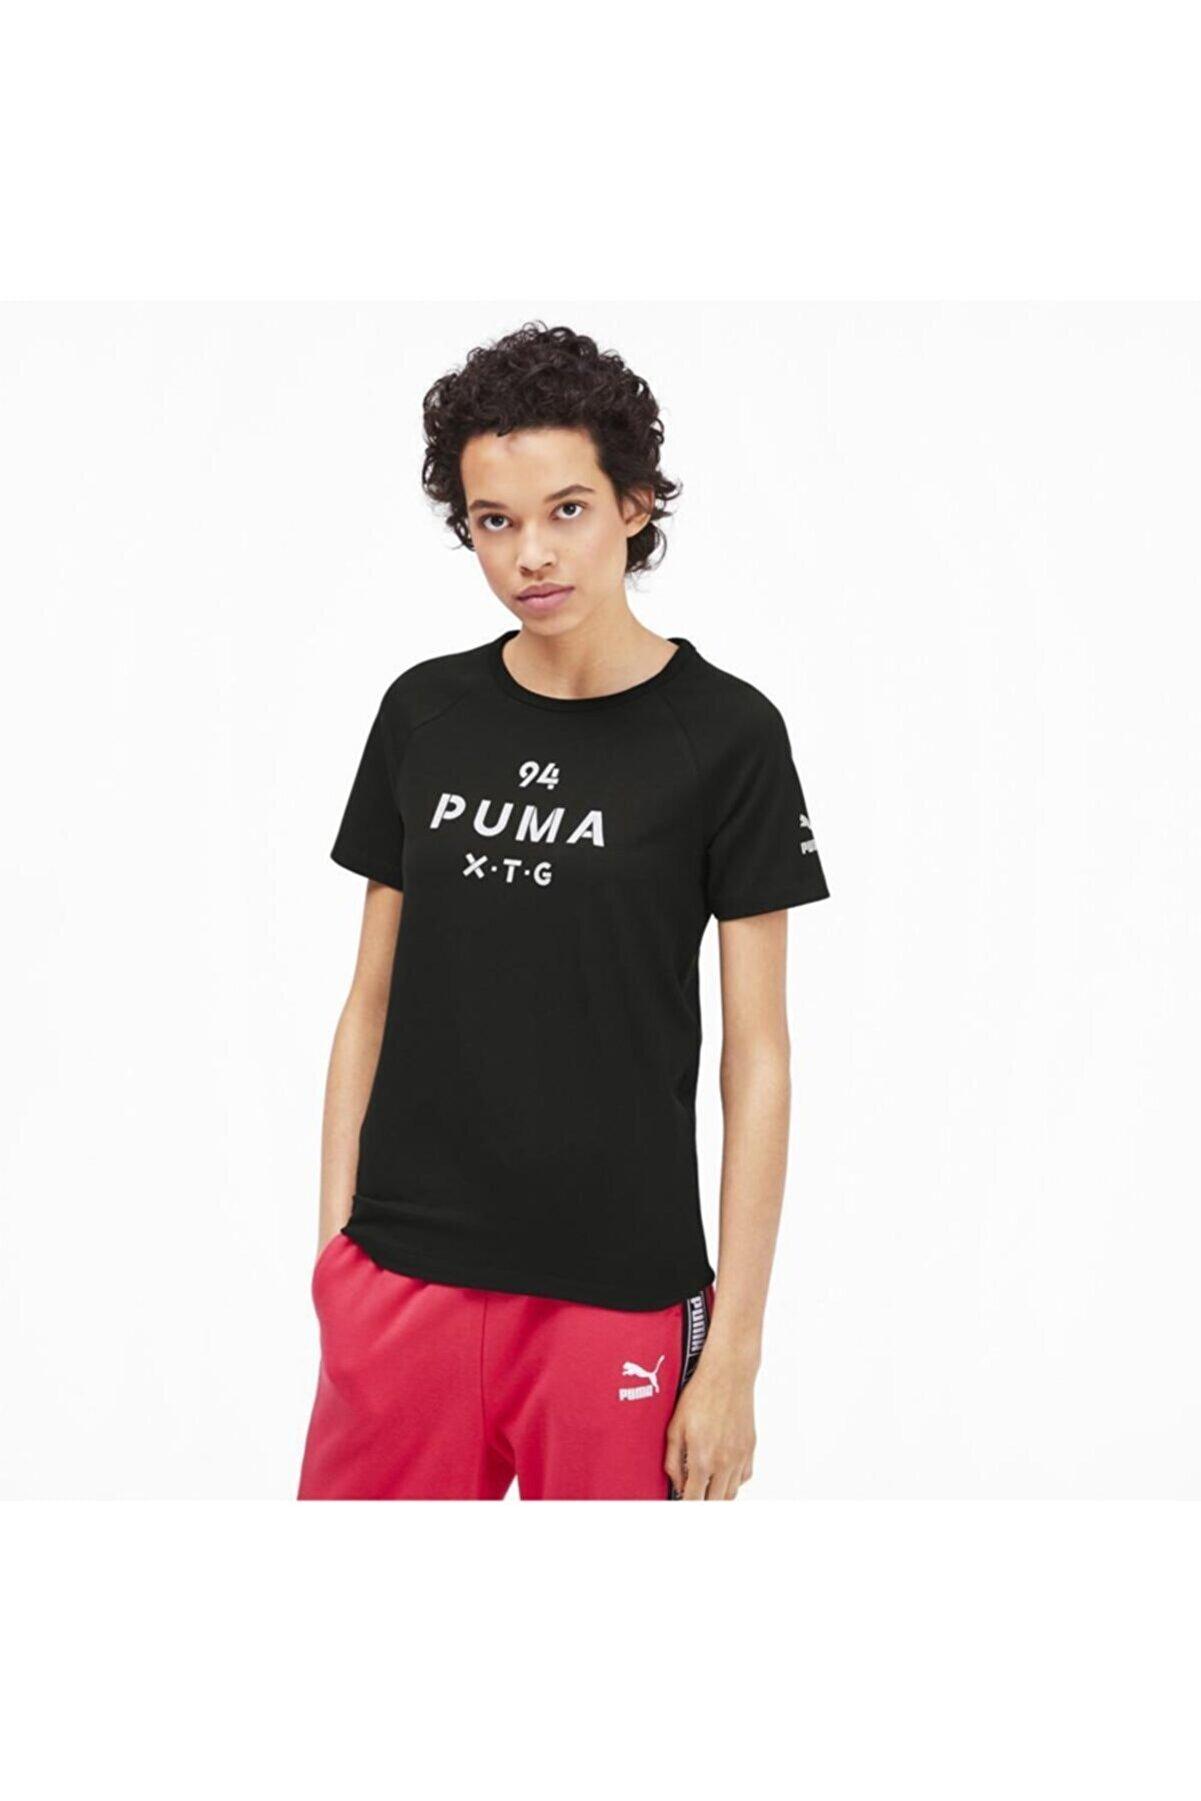 Puma XTG GRAPHIC TOP Siyah Kadın T-Shirt 100569447